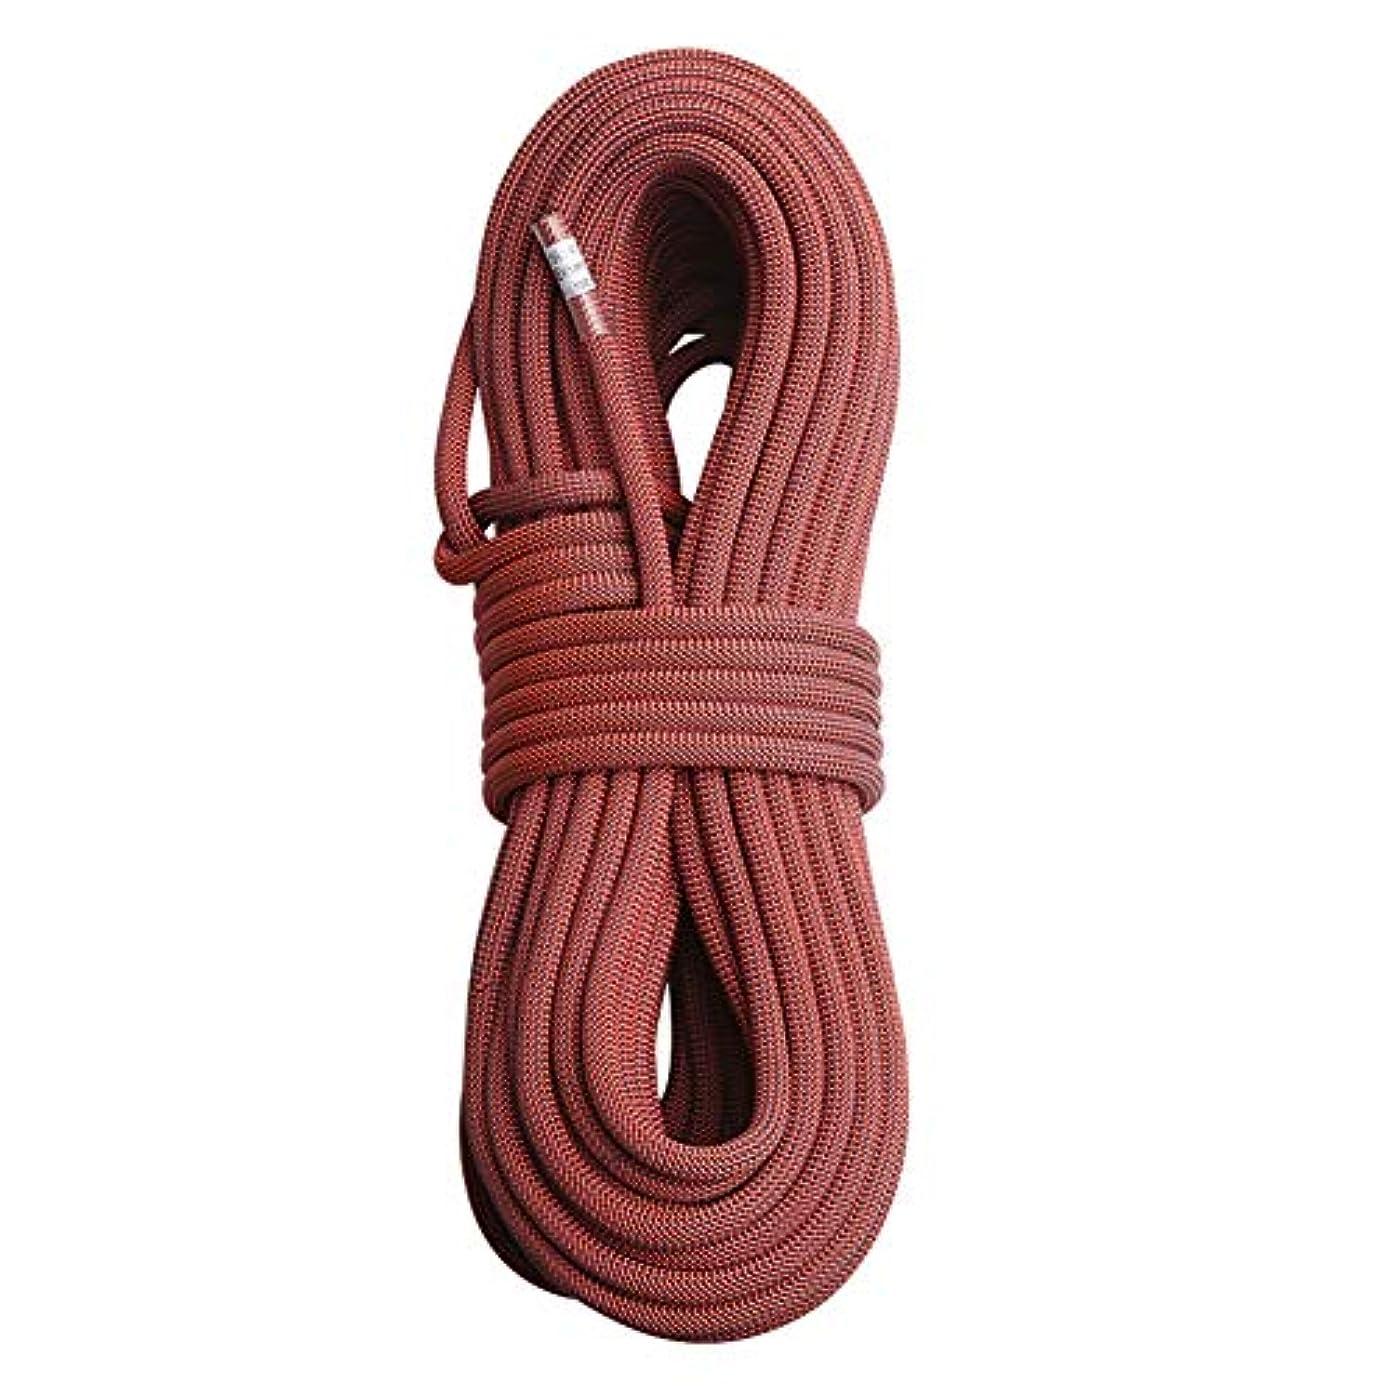 懲らしめアサートダム屋外ロッククライミングロープ、10.5 mm直径高強度安全コード緊急火災エスケープ救助急行コード(5 m、10 m、15 m、20 m),Darkred,15m